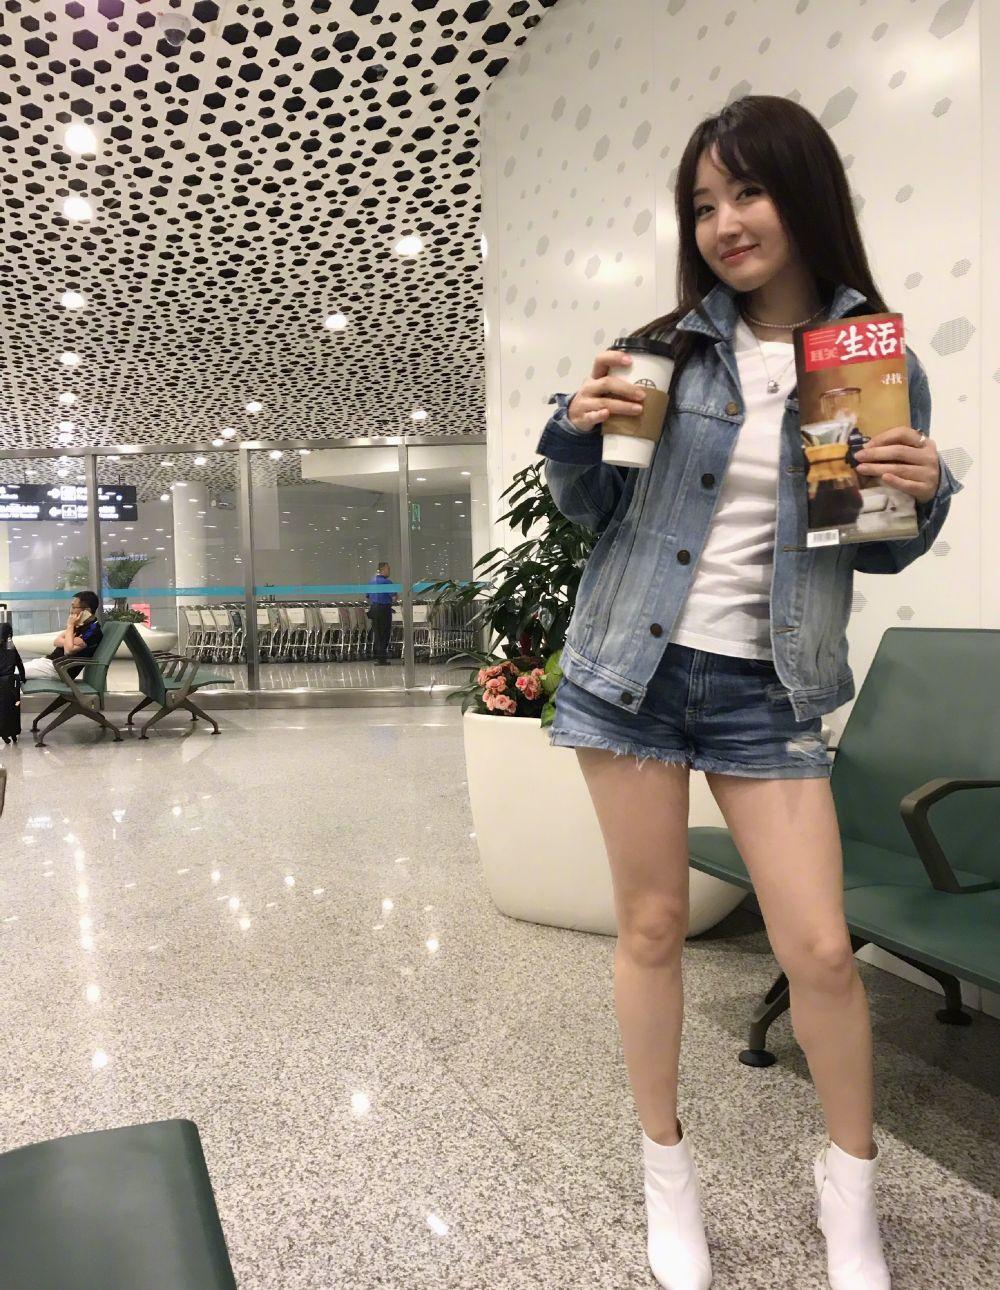 再次被杨钰莹惊艳,49岁穿灰色西装配黑直长,说是少女也不过分